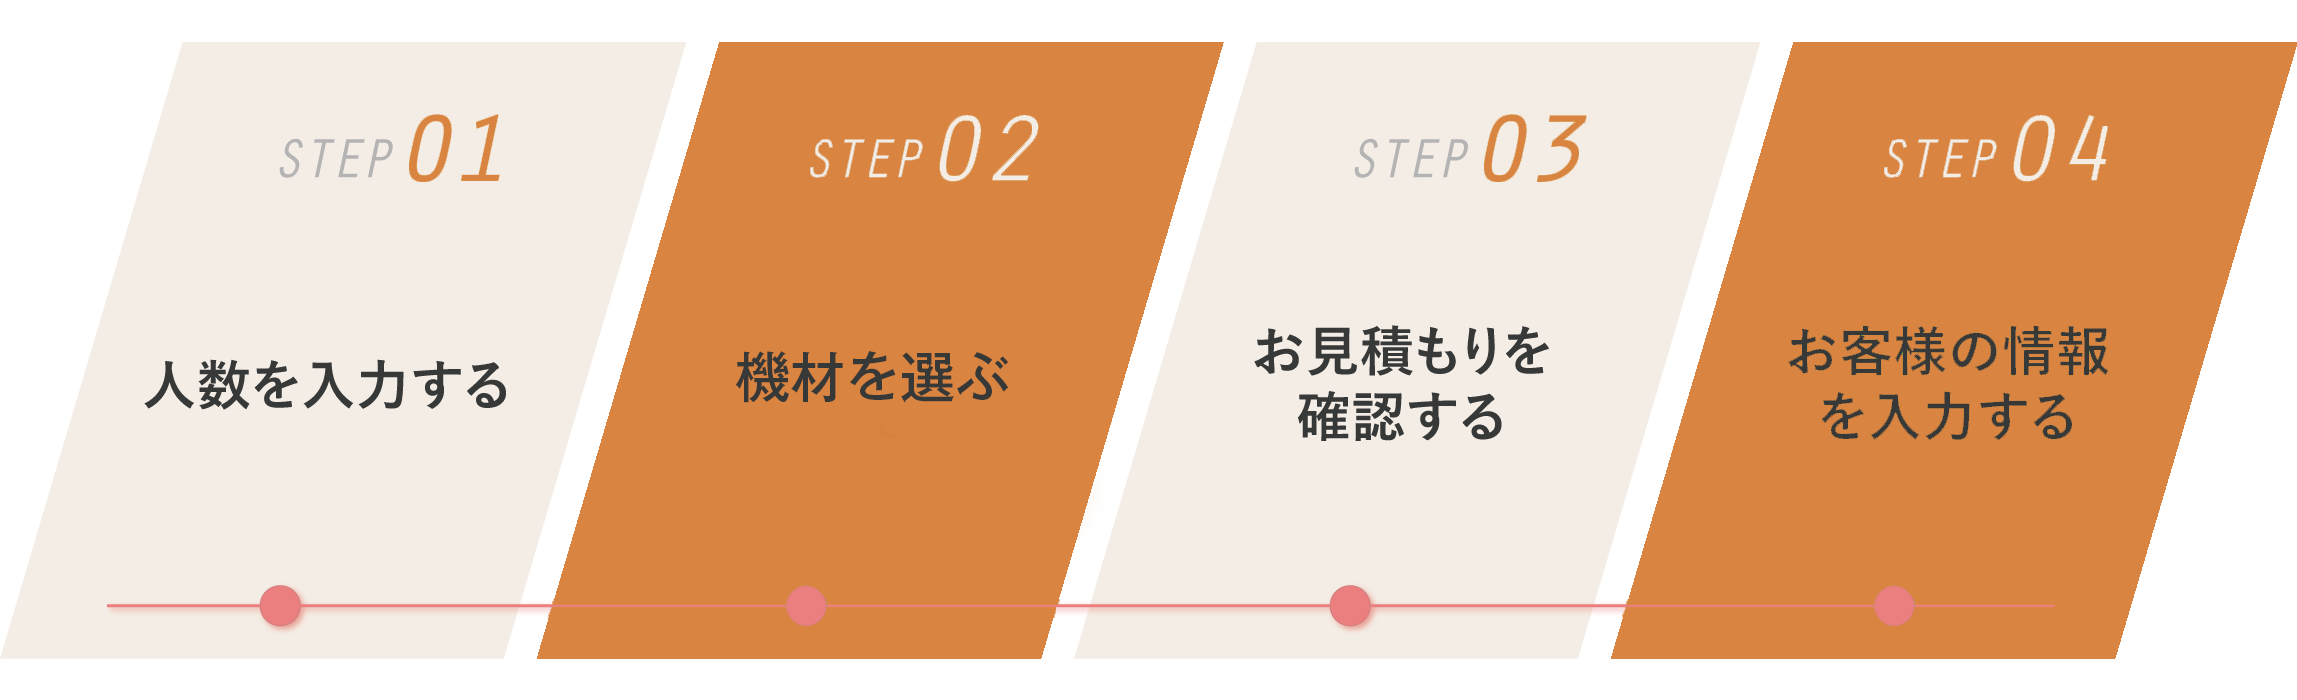 WEB注文はシンプル4ステップ